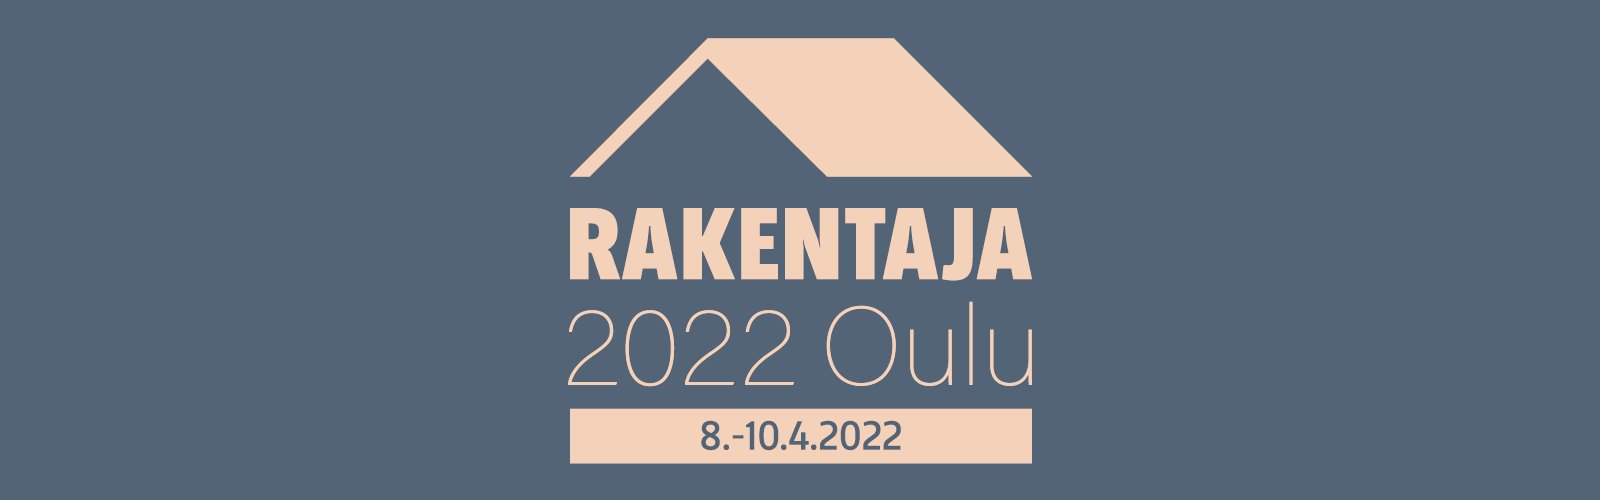 Rakentaja 2022 oulu